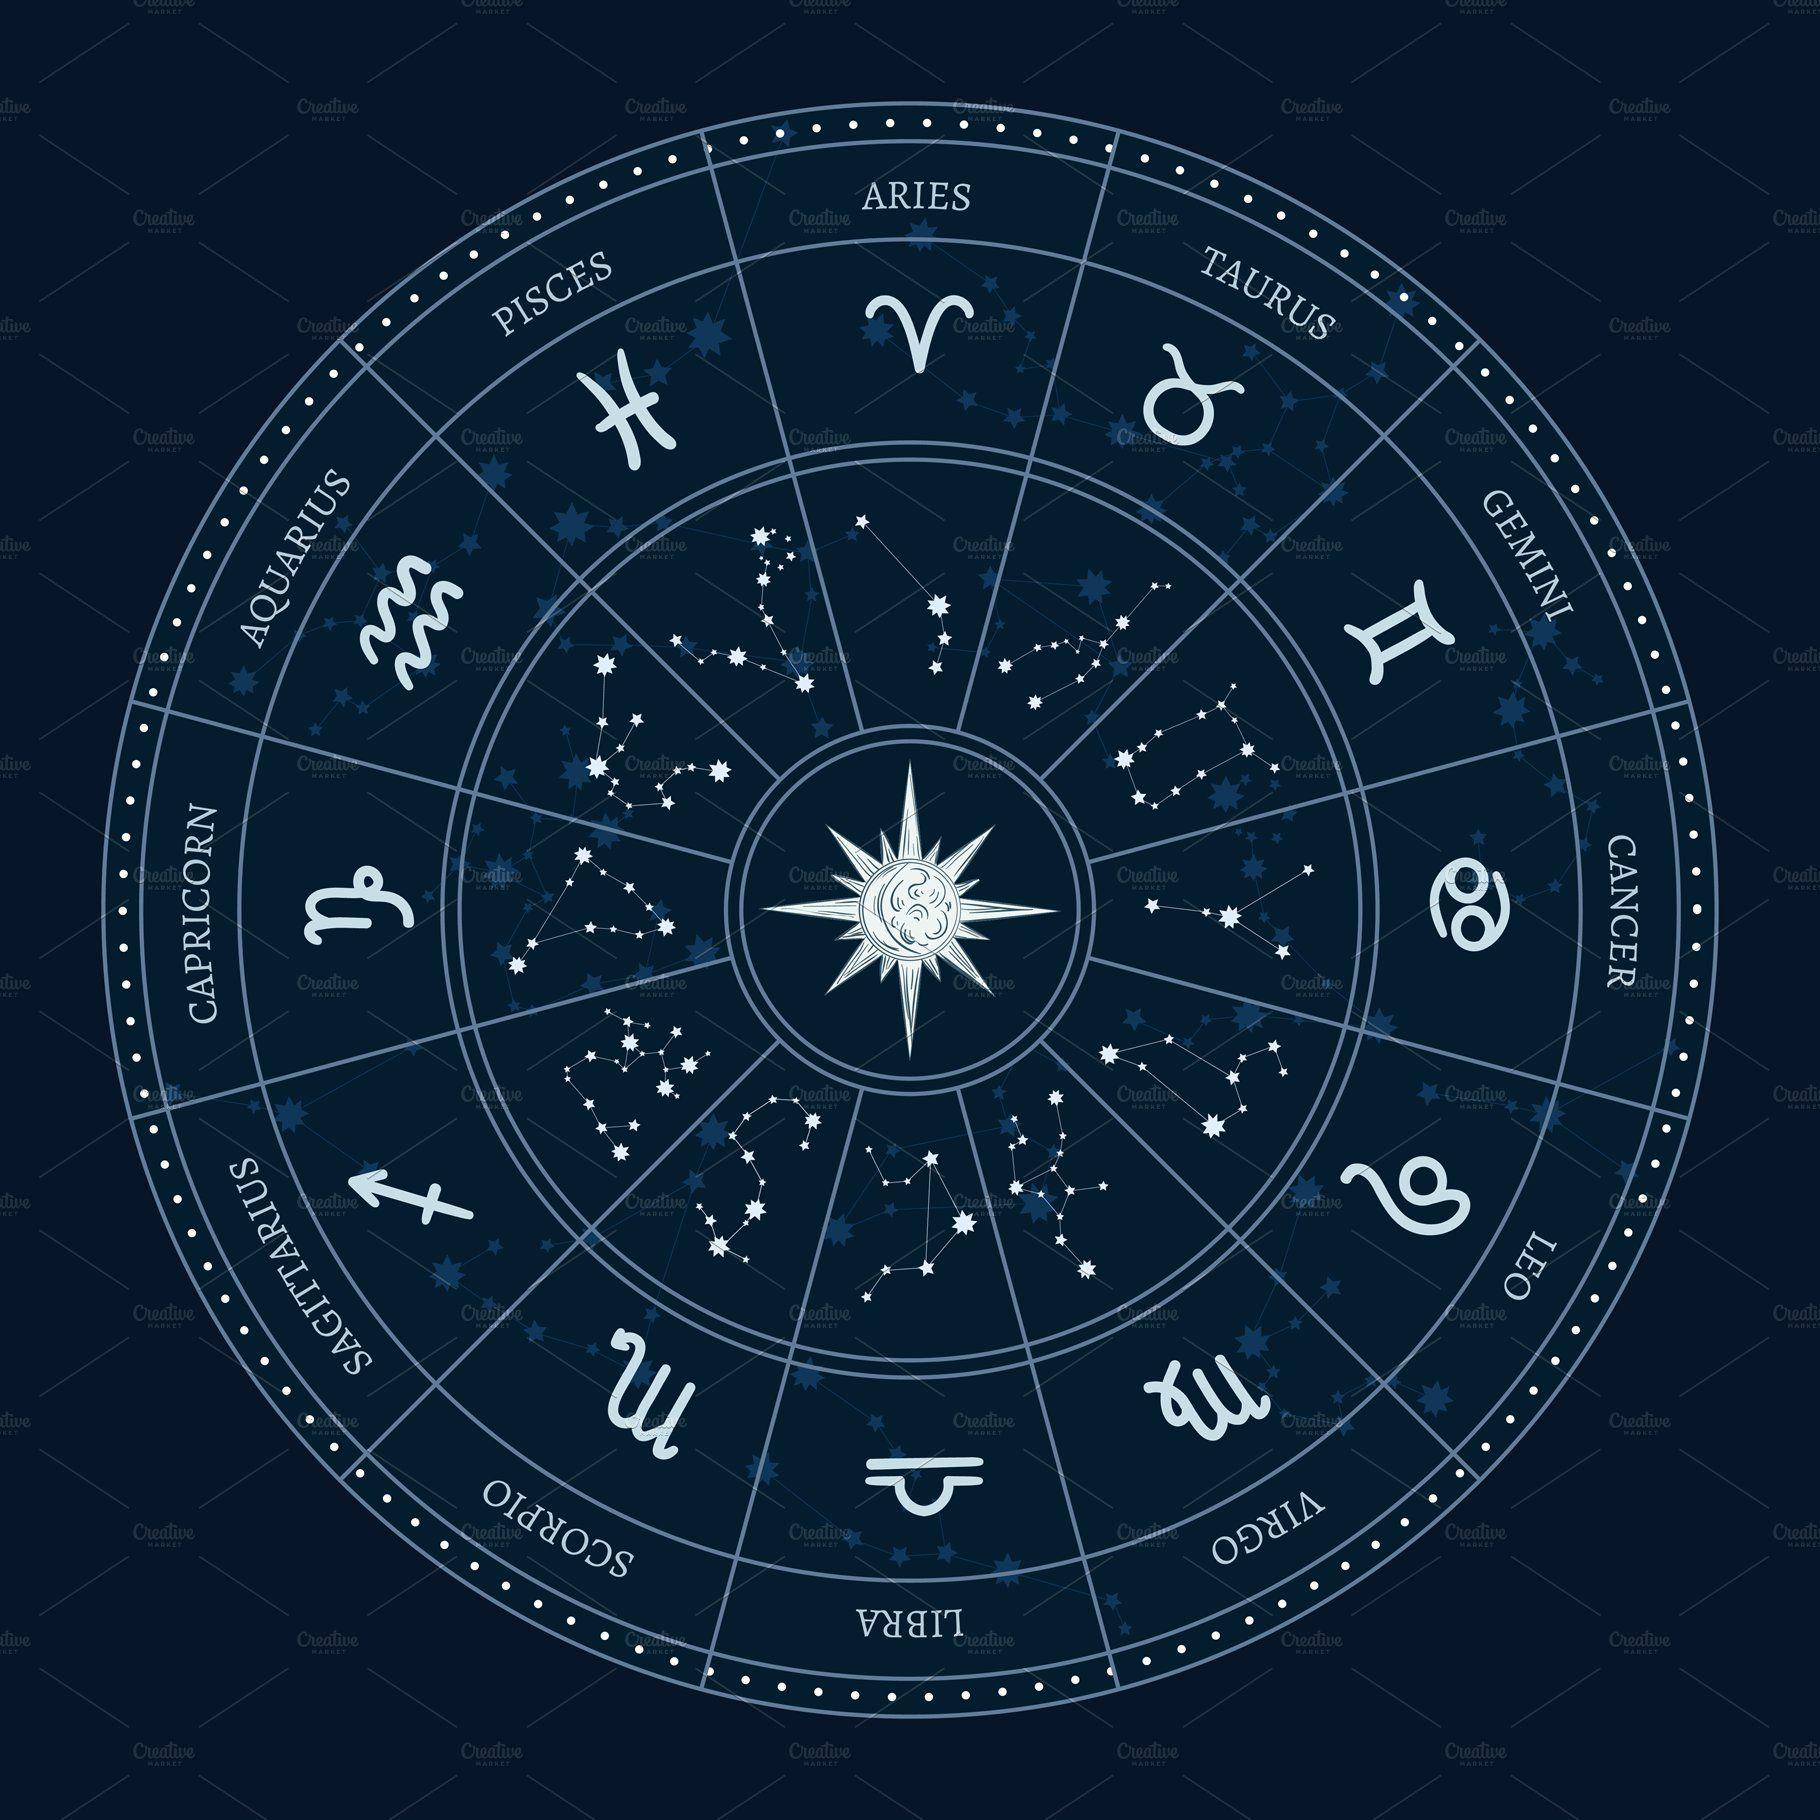 Ramalan Zodiak 26 Juni, Pisces Pemasukan Seret Libra Jangan Terlalu Boros